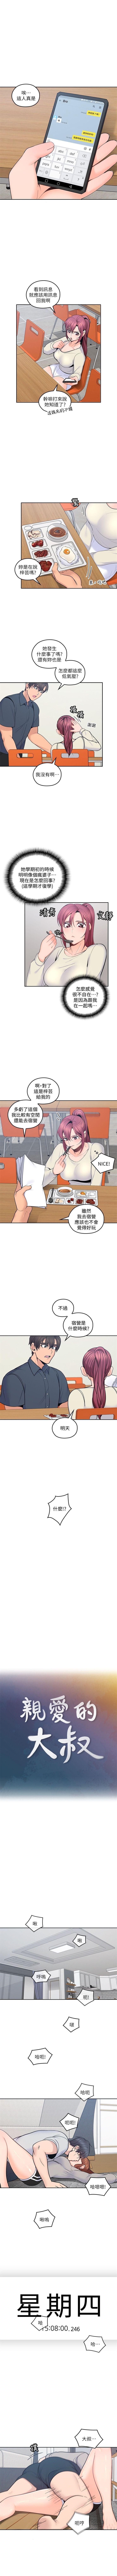 (週4)親愛的大叔 1-33 中文翻譯(更新中) 99